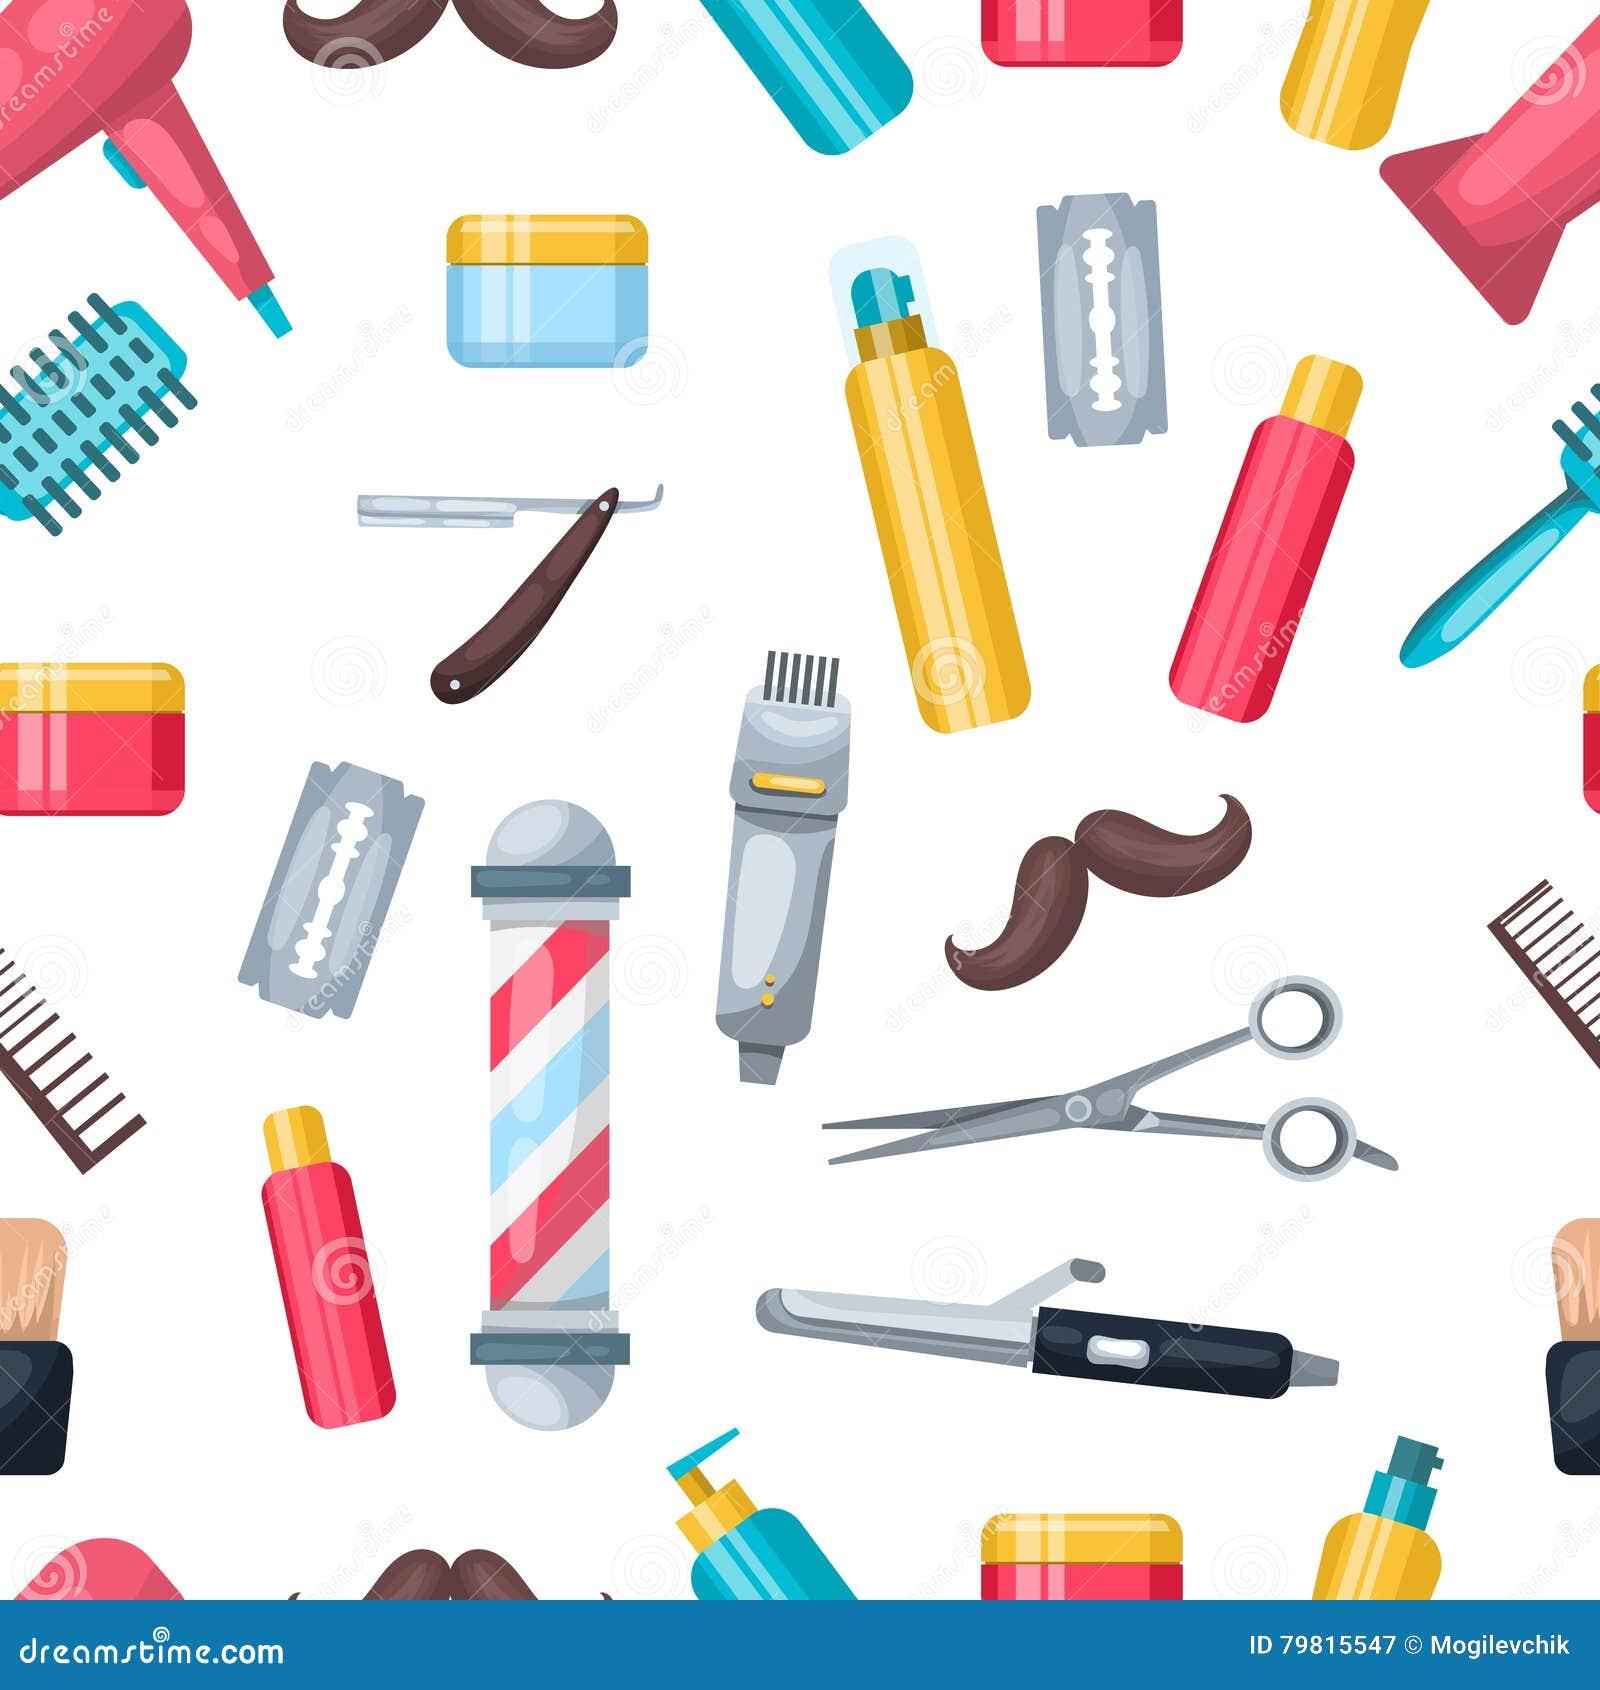 Beauty Salon Pattern Stock Vector Illustration Of Hairbrush 79815547